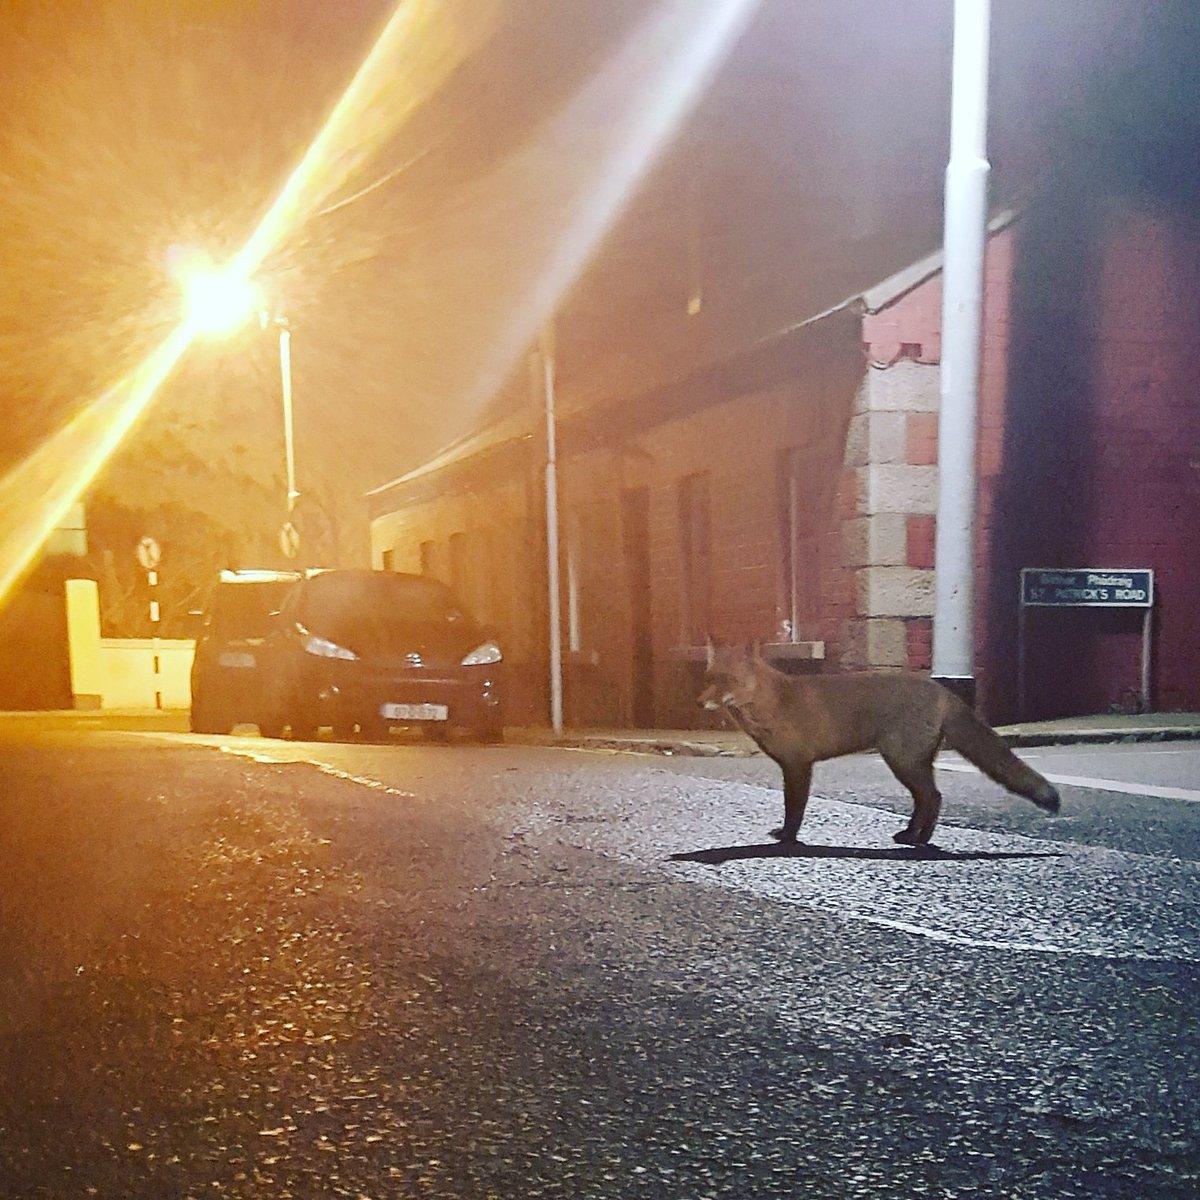 Fantastic Mr. Fox in Dalkey https://t.co/GjVD2u6btS